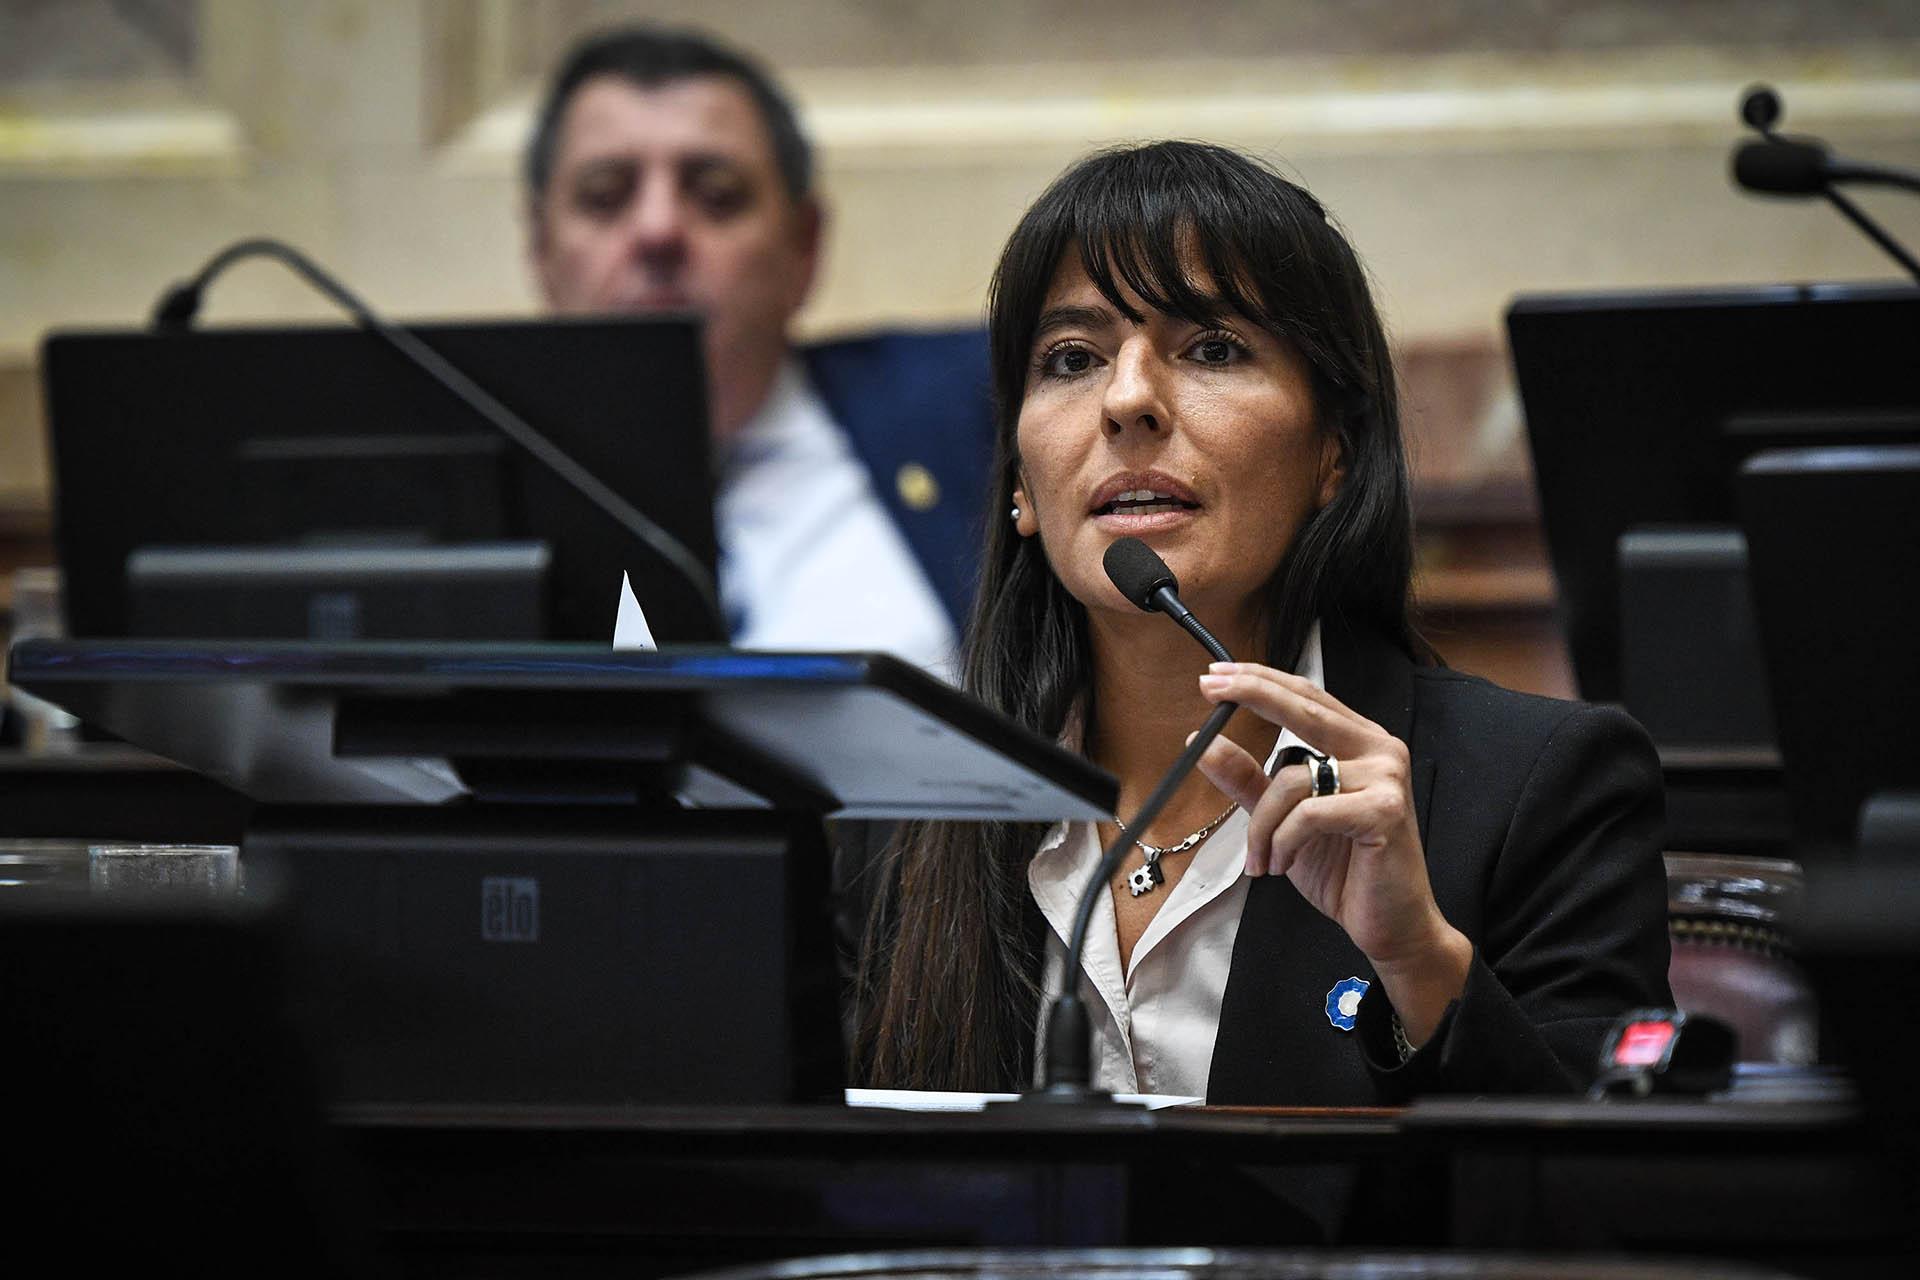 La senadora por Mendoza, Fernanda Verasay